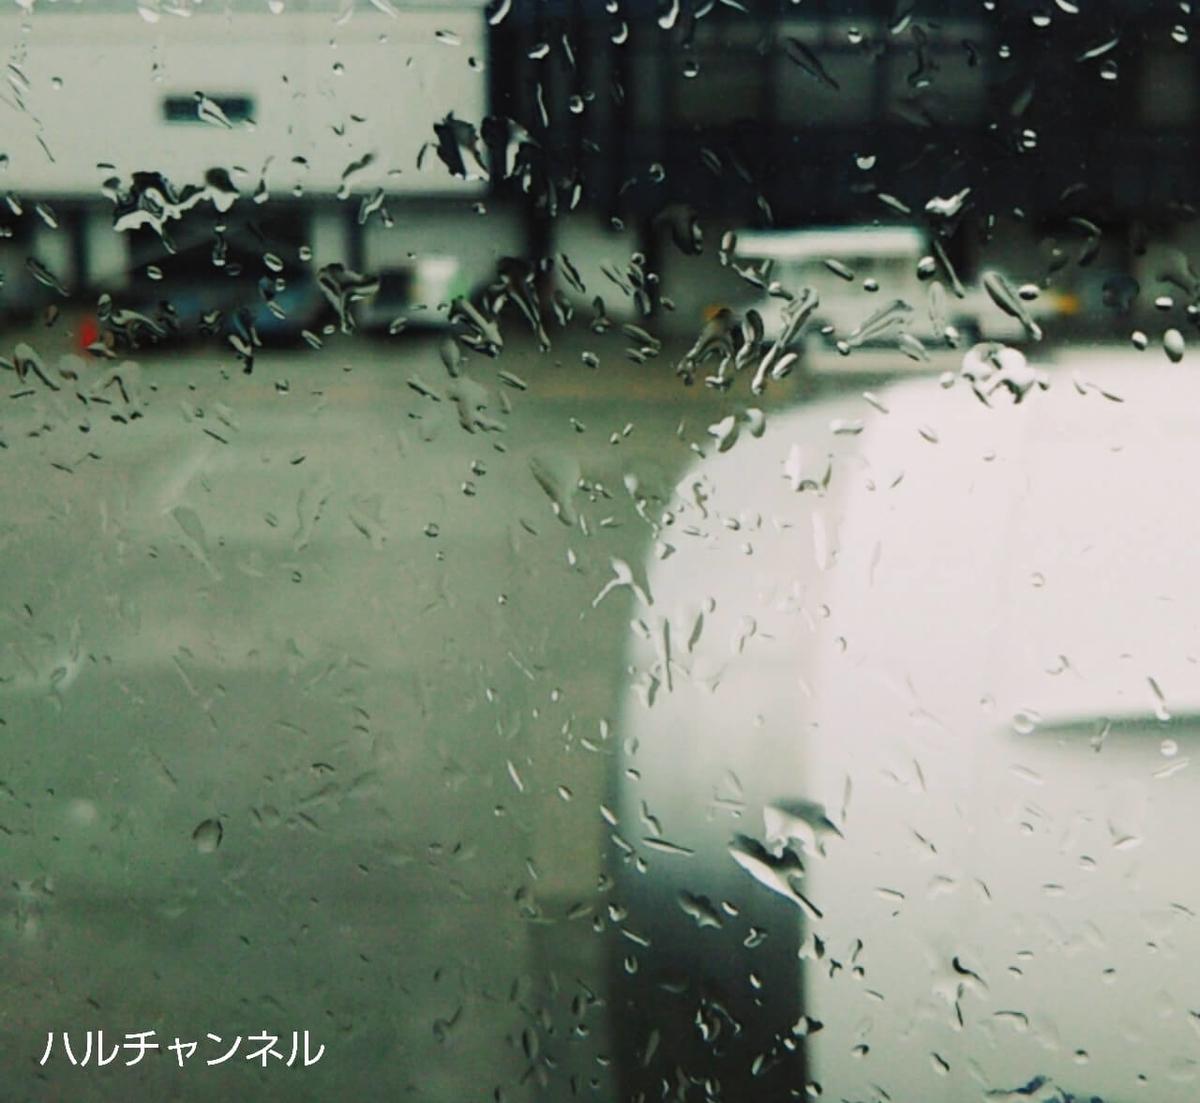 飛行機の外は雨